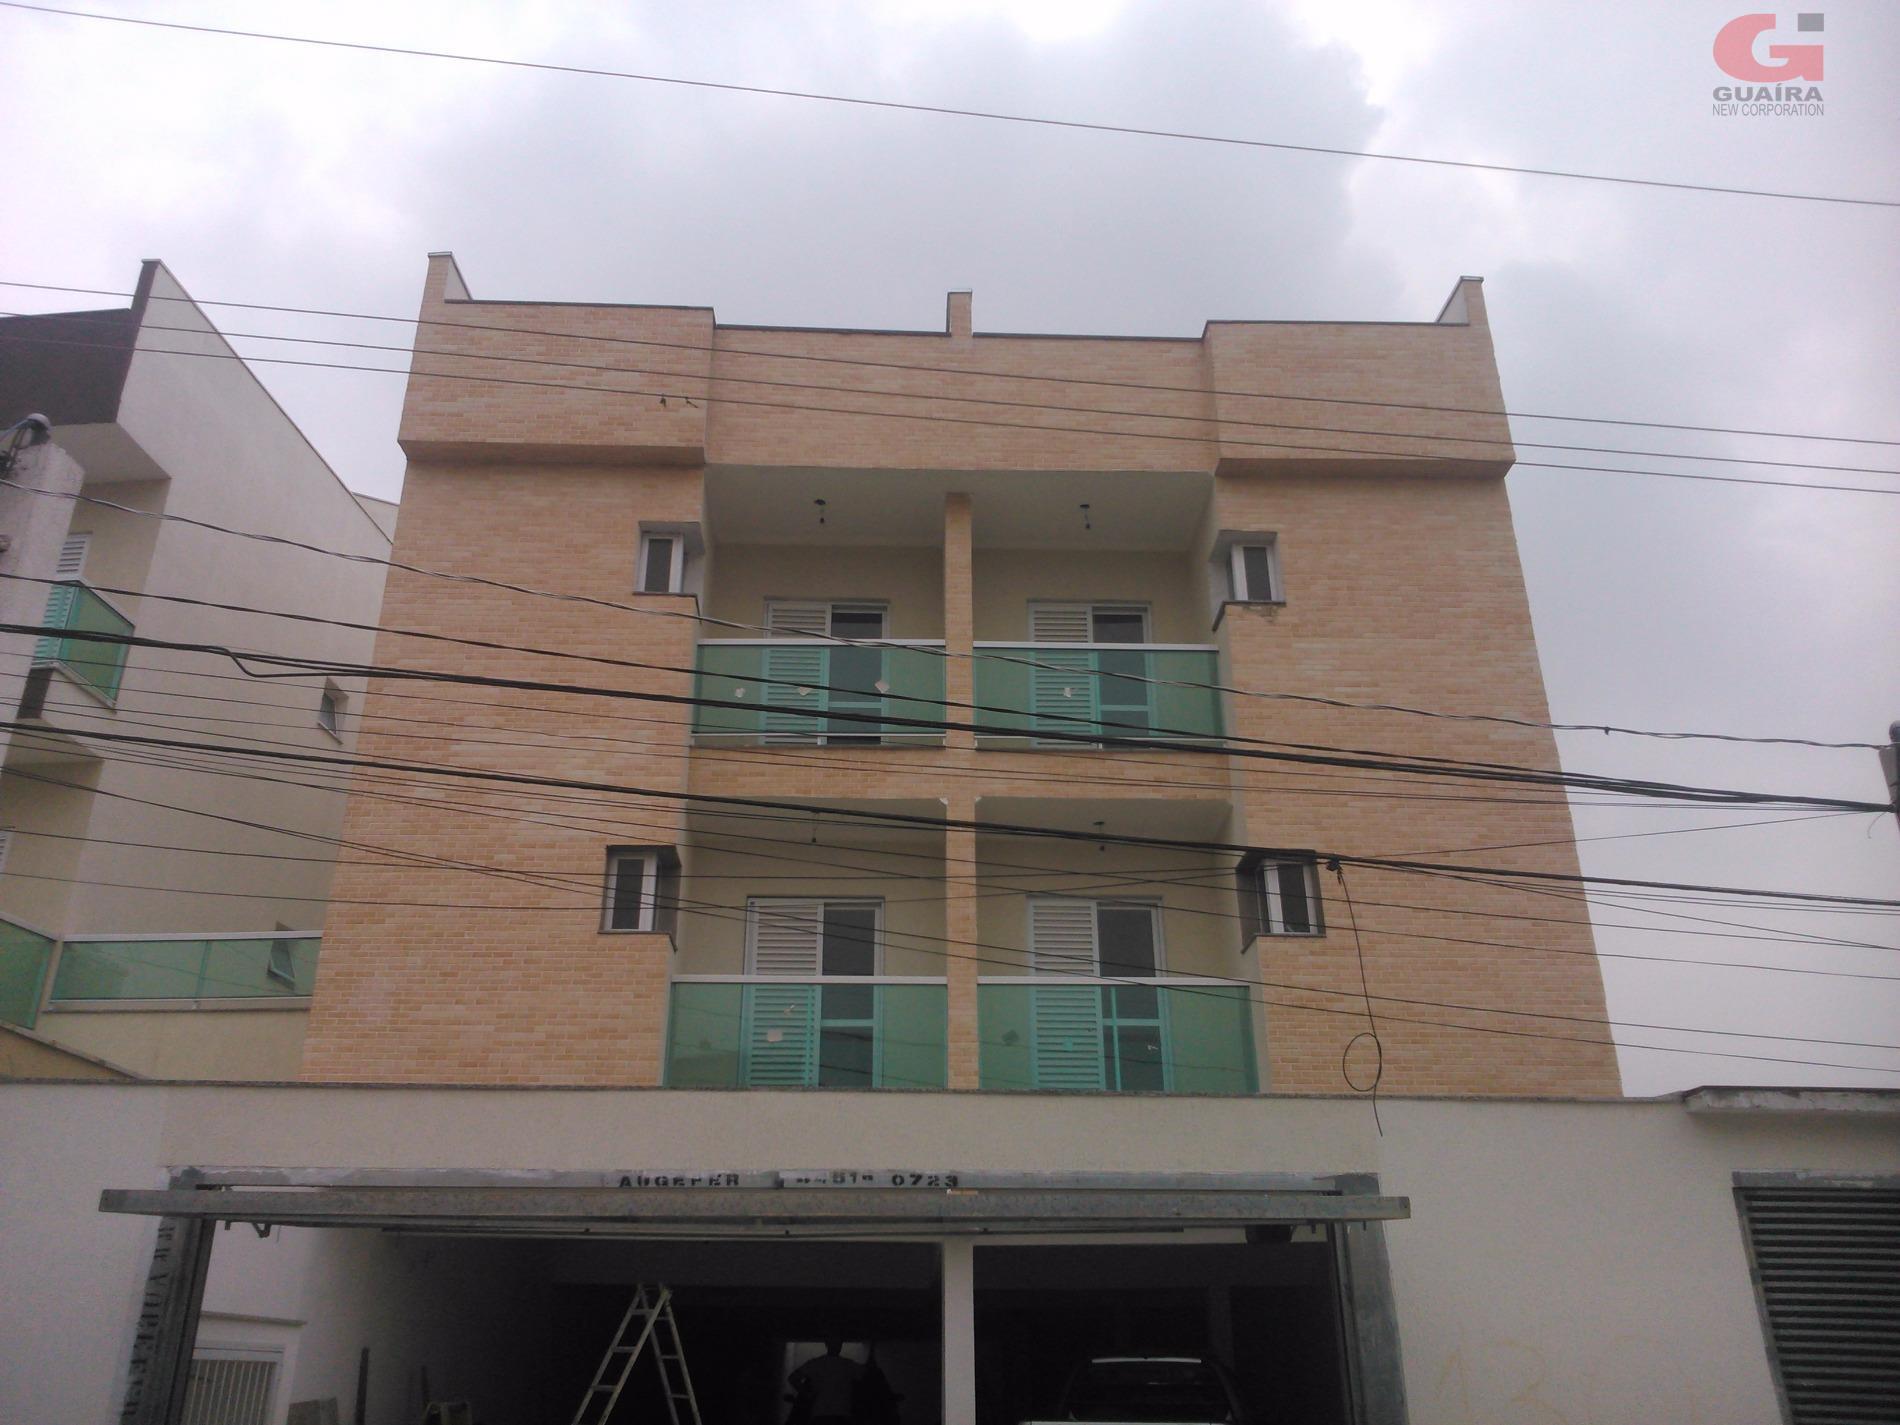 Cobertura de 2 dormitórios à venda em Vila Linda, Santo André - SP